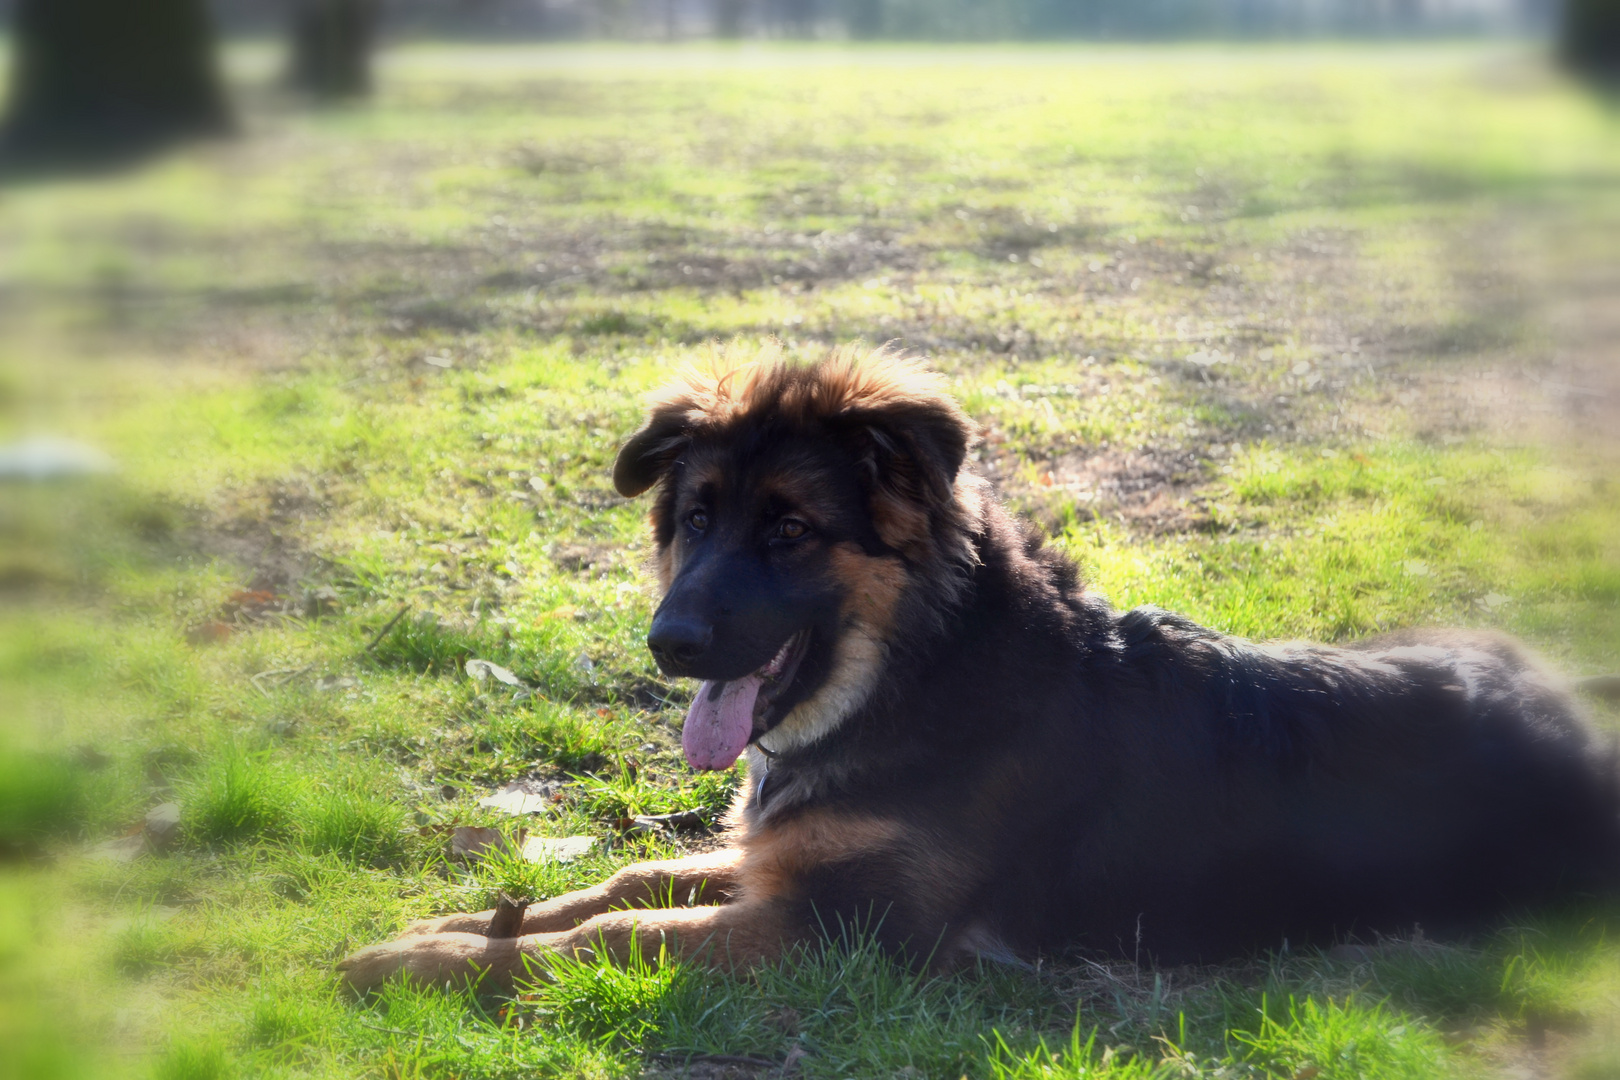 Schäfer sein Hund,Schäferhund